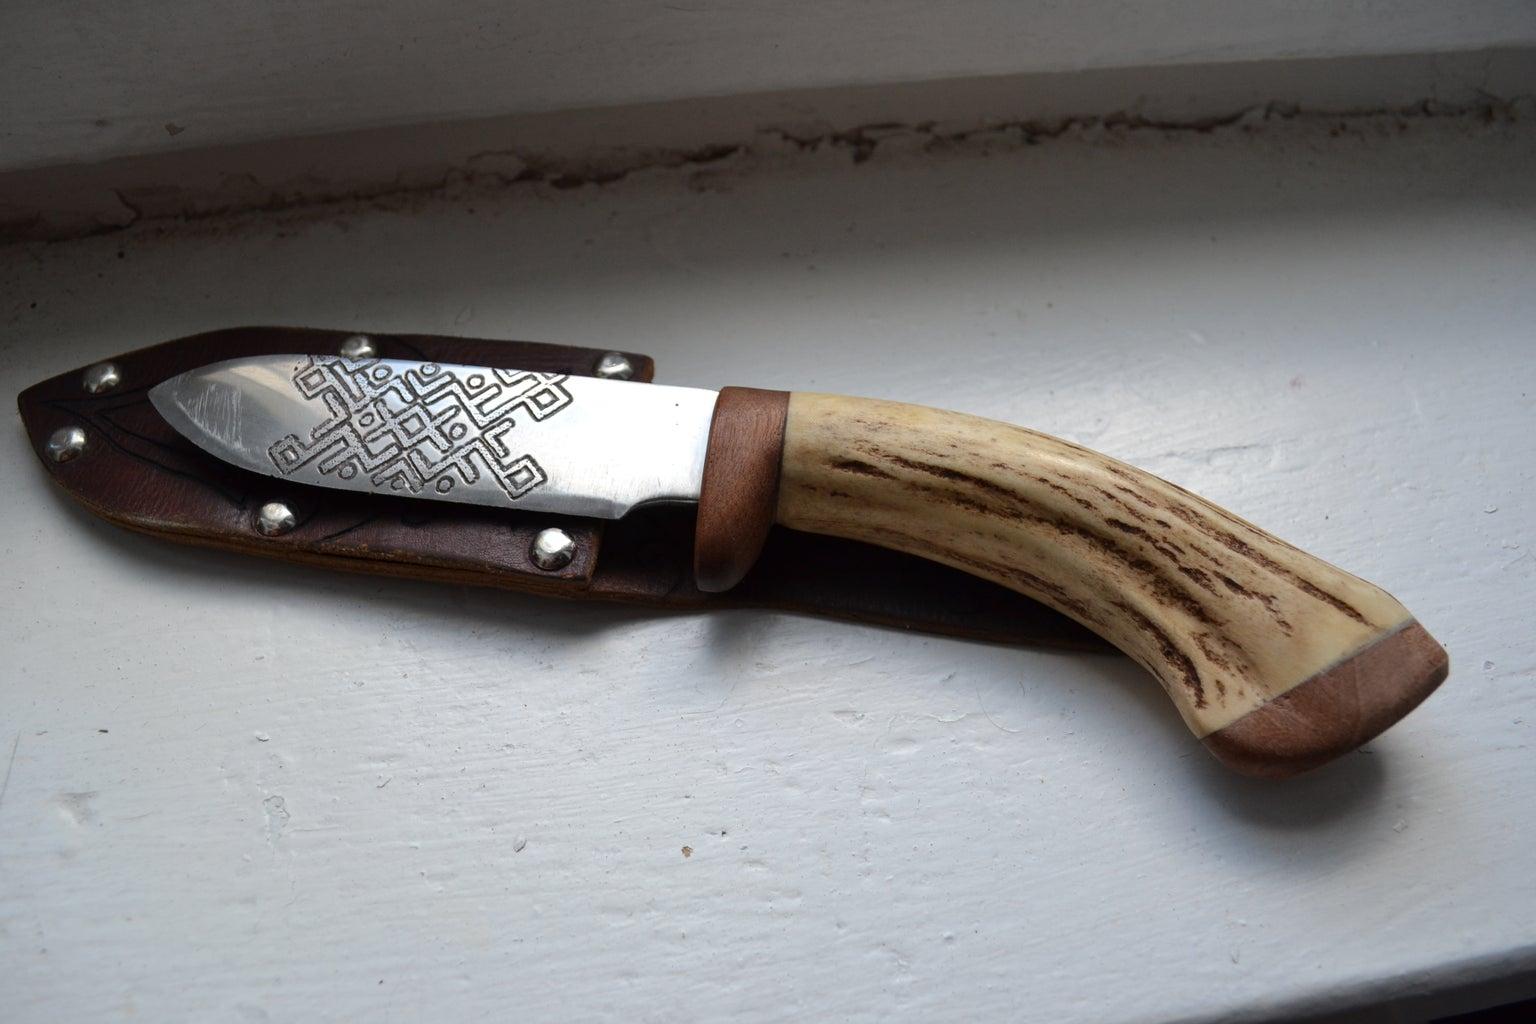 Handmade Knife and Leather Sheath